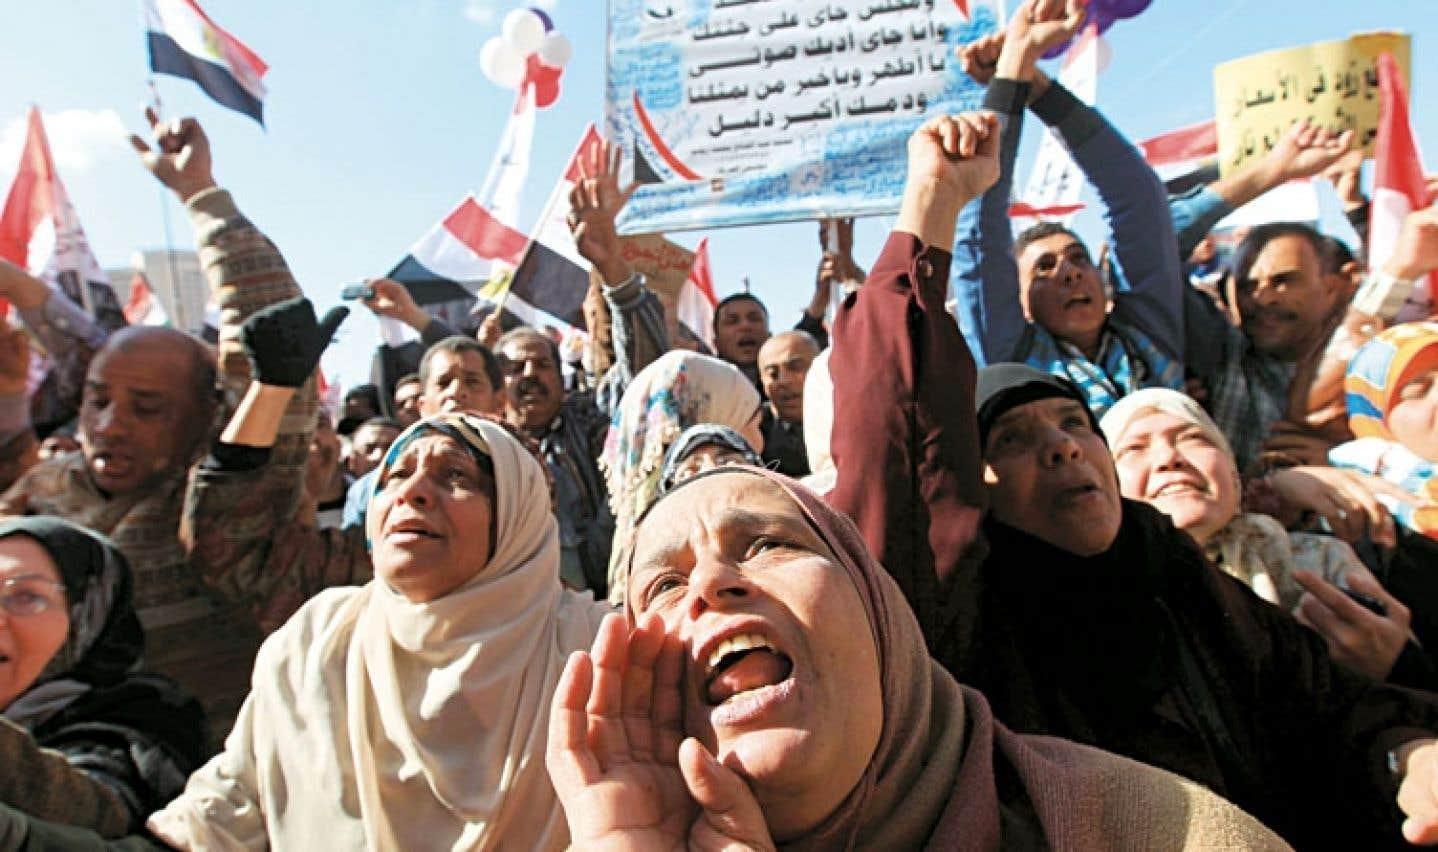 « Le féminisme d'ici peut prendre d'autres visages ailleurs. Ces femmes voilées ont fait la révolution en Égypte. Je trouve que c'est très réducteur de toujours vouloir voir une façon universelle », affirme Bouchra Manaï.